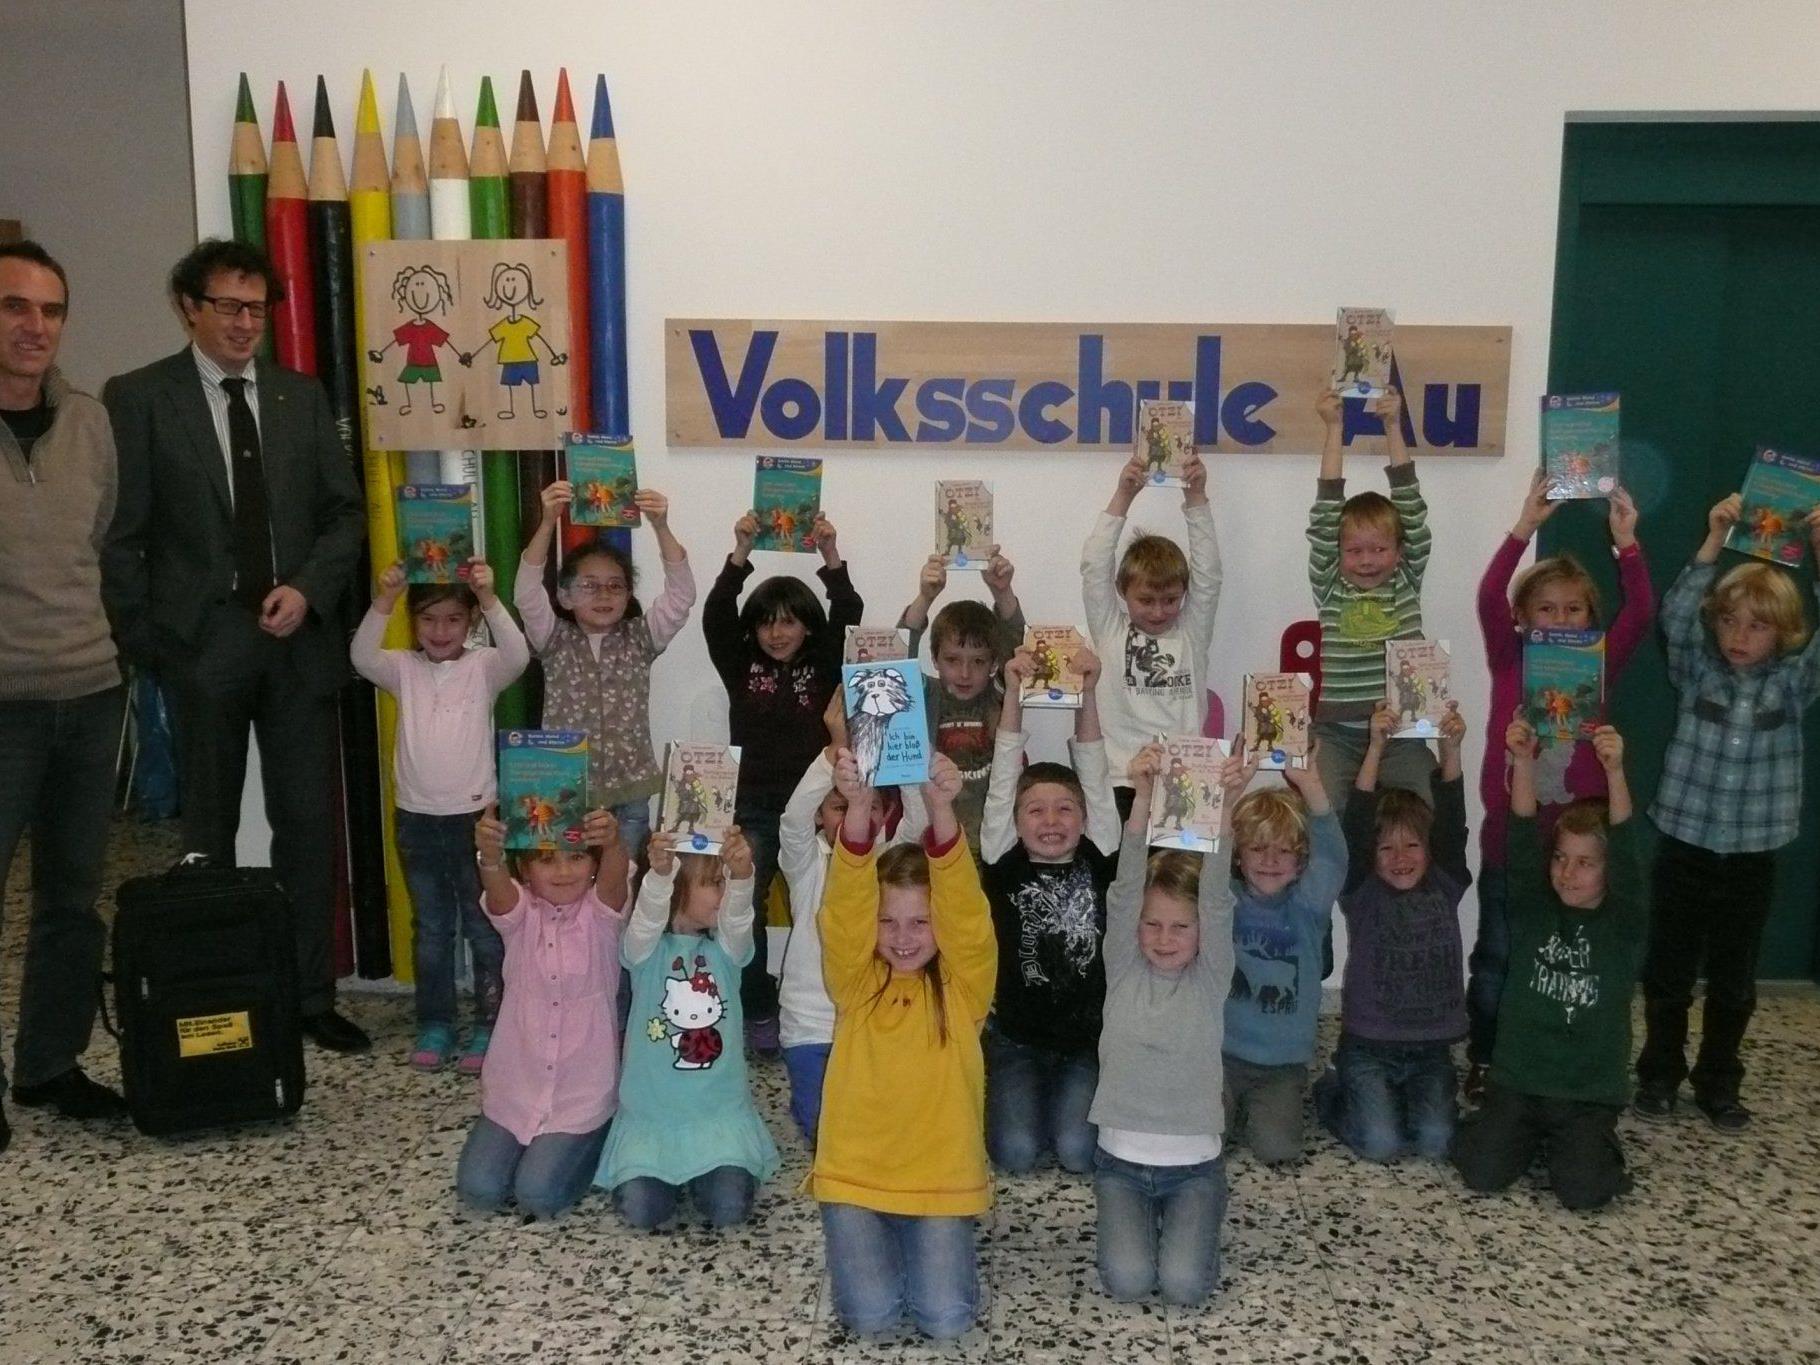 Die Schüler und Schülerinnen der VS Au freuten sich sichtlich über den Bücherkoffer.